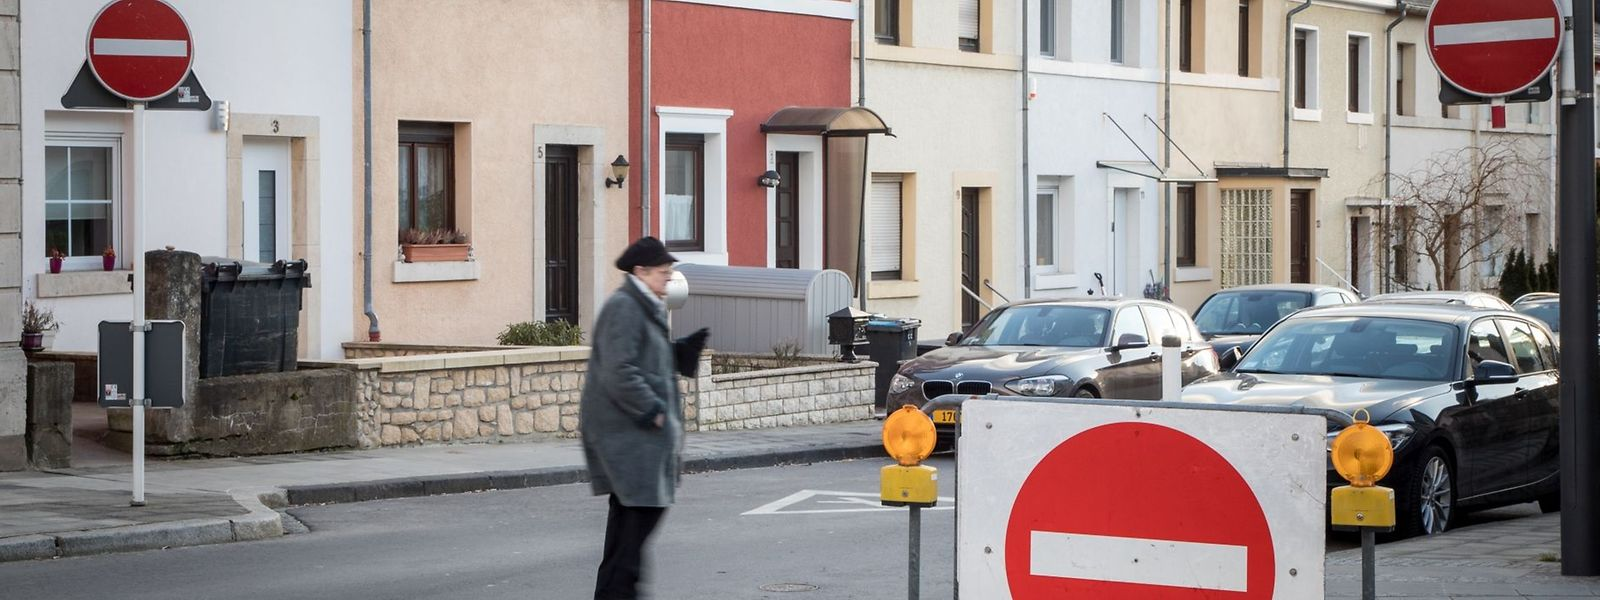 Für so manchen ist die neue Straßenführung in Gasperich zu einem Labyrinth geworden.